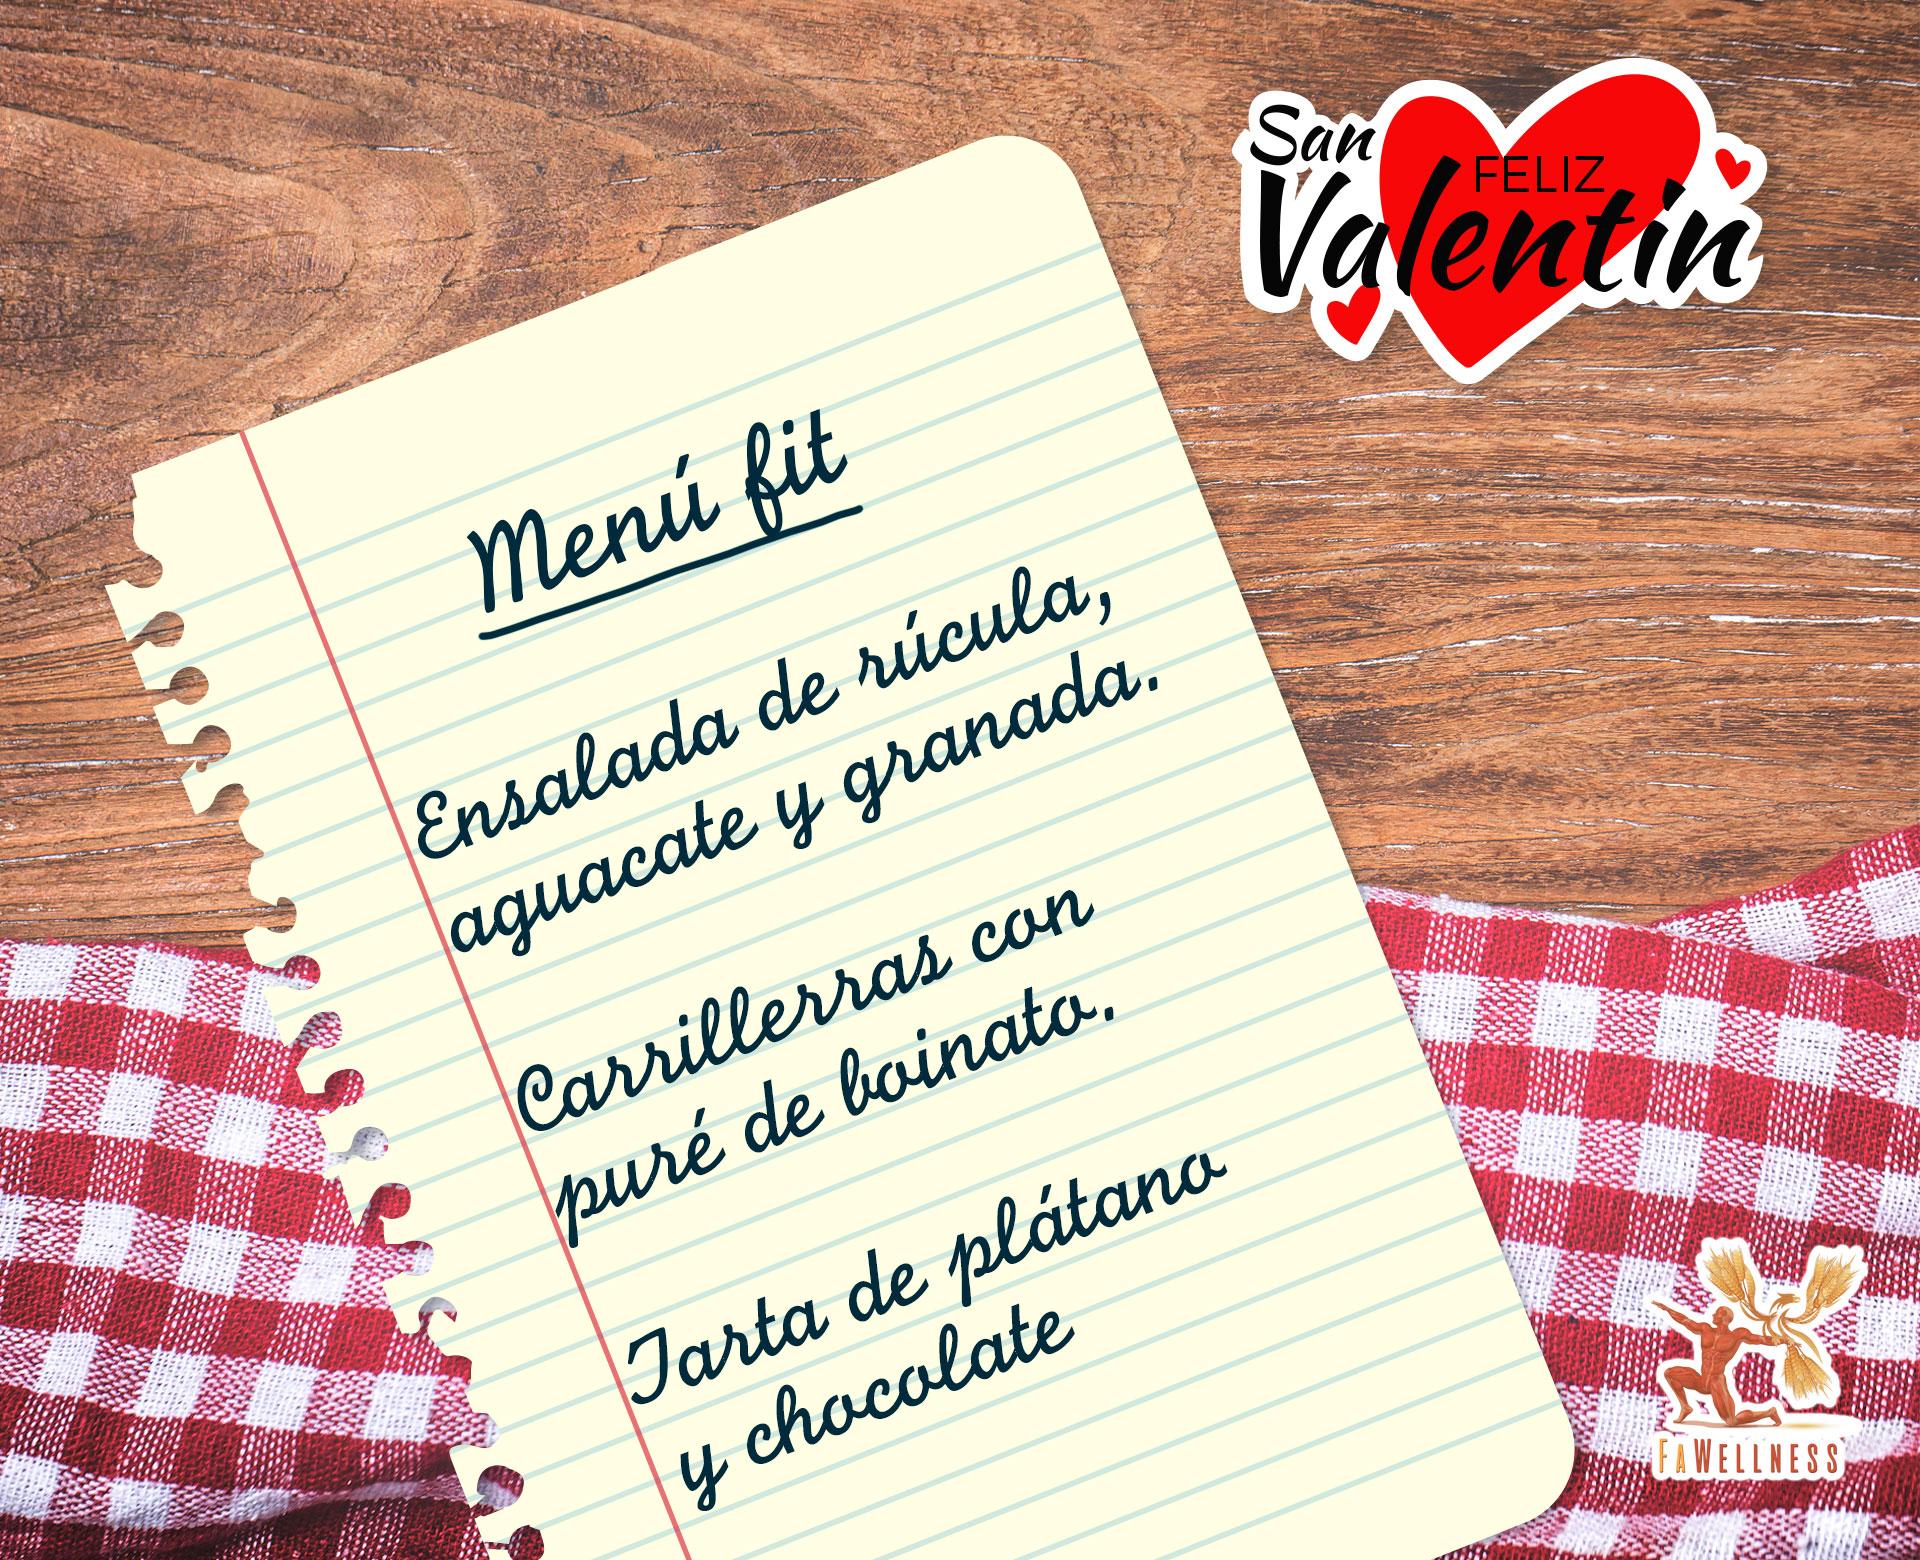 imagen blog FaWellness | Hemos preparado un delicioso menú para celebrar SAN VALENFIT